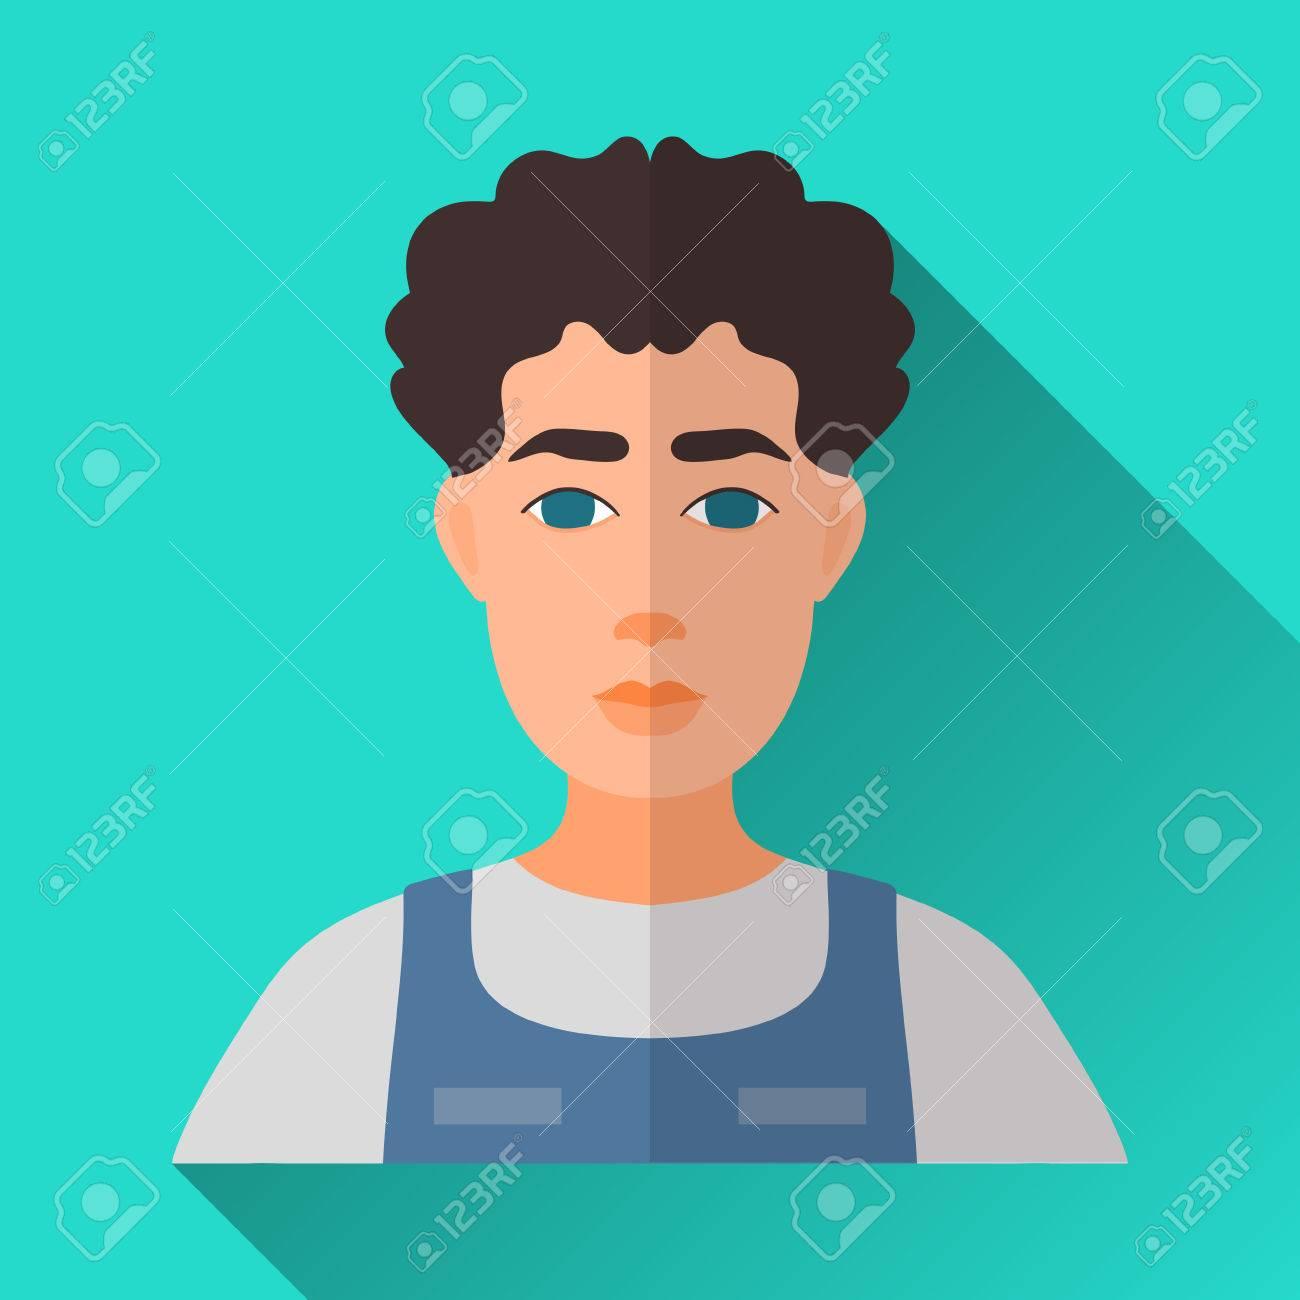 Turquoise Blue Square de style plate forme icône de personnage masculin avec l'ombre. Illustration d'un homme avec des cheveux noirs bouclés portant